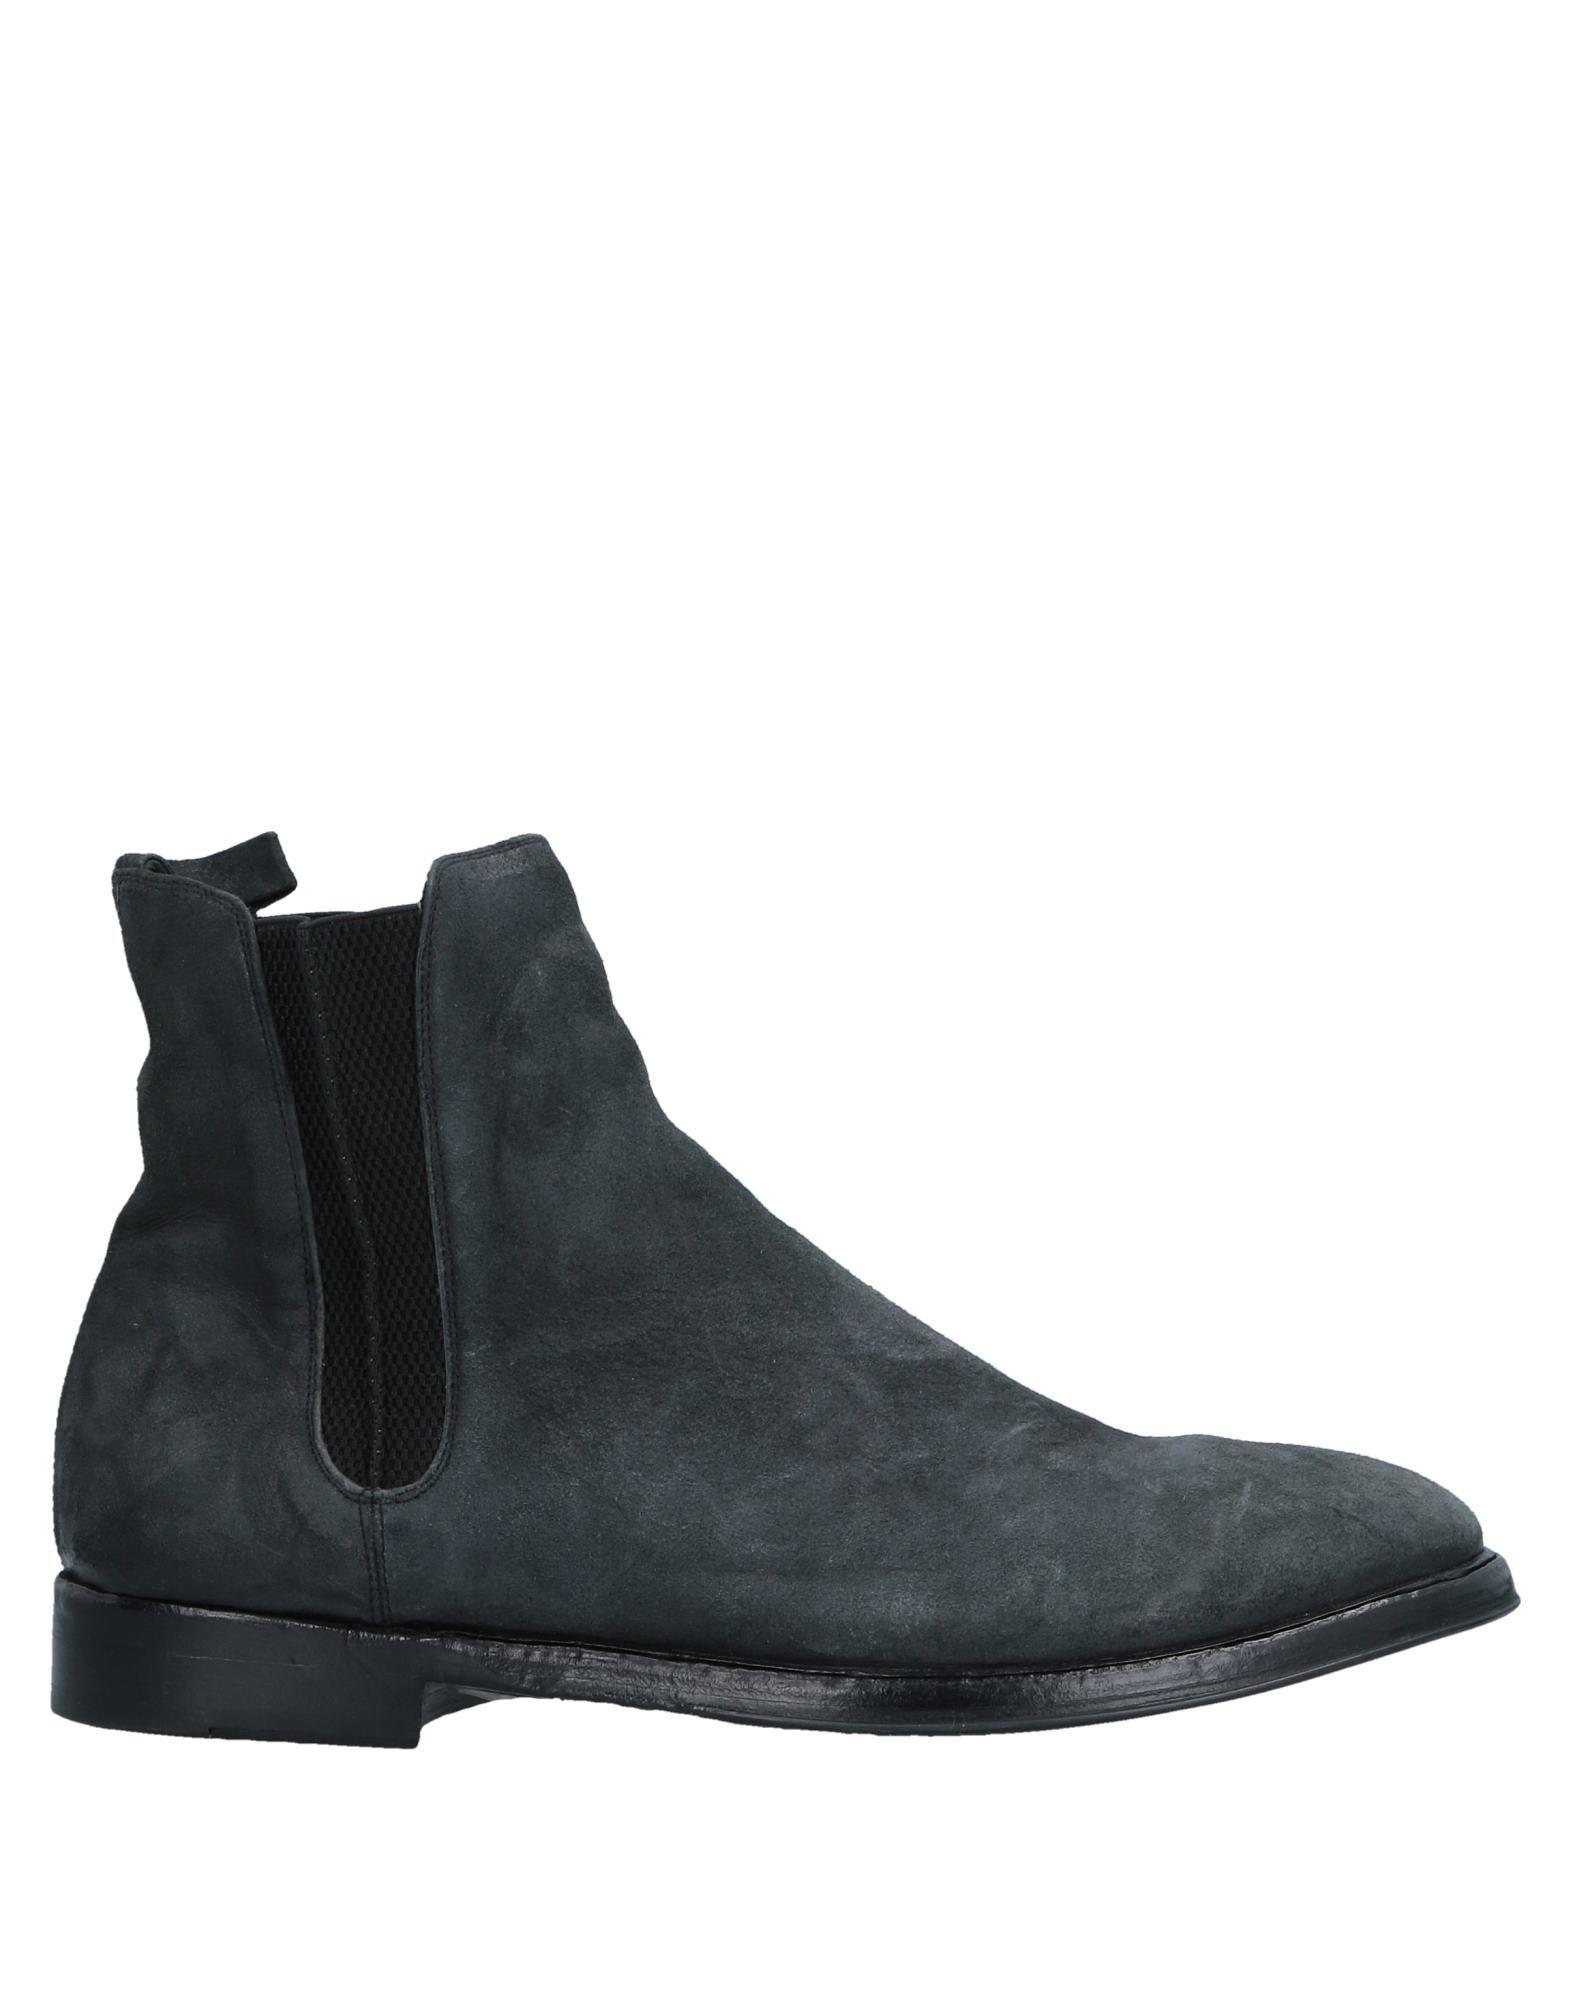 Alberto Fasciani Stiefelette Herren  11513530WO Gute Qualität beliebte Schuhe